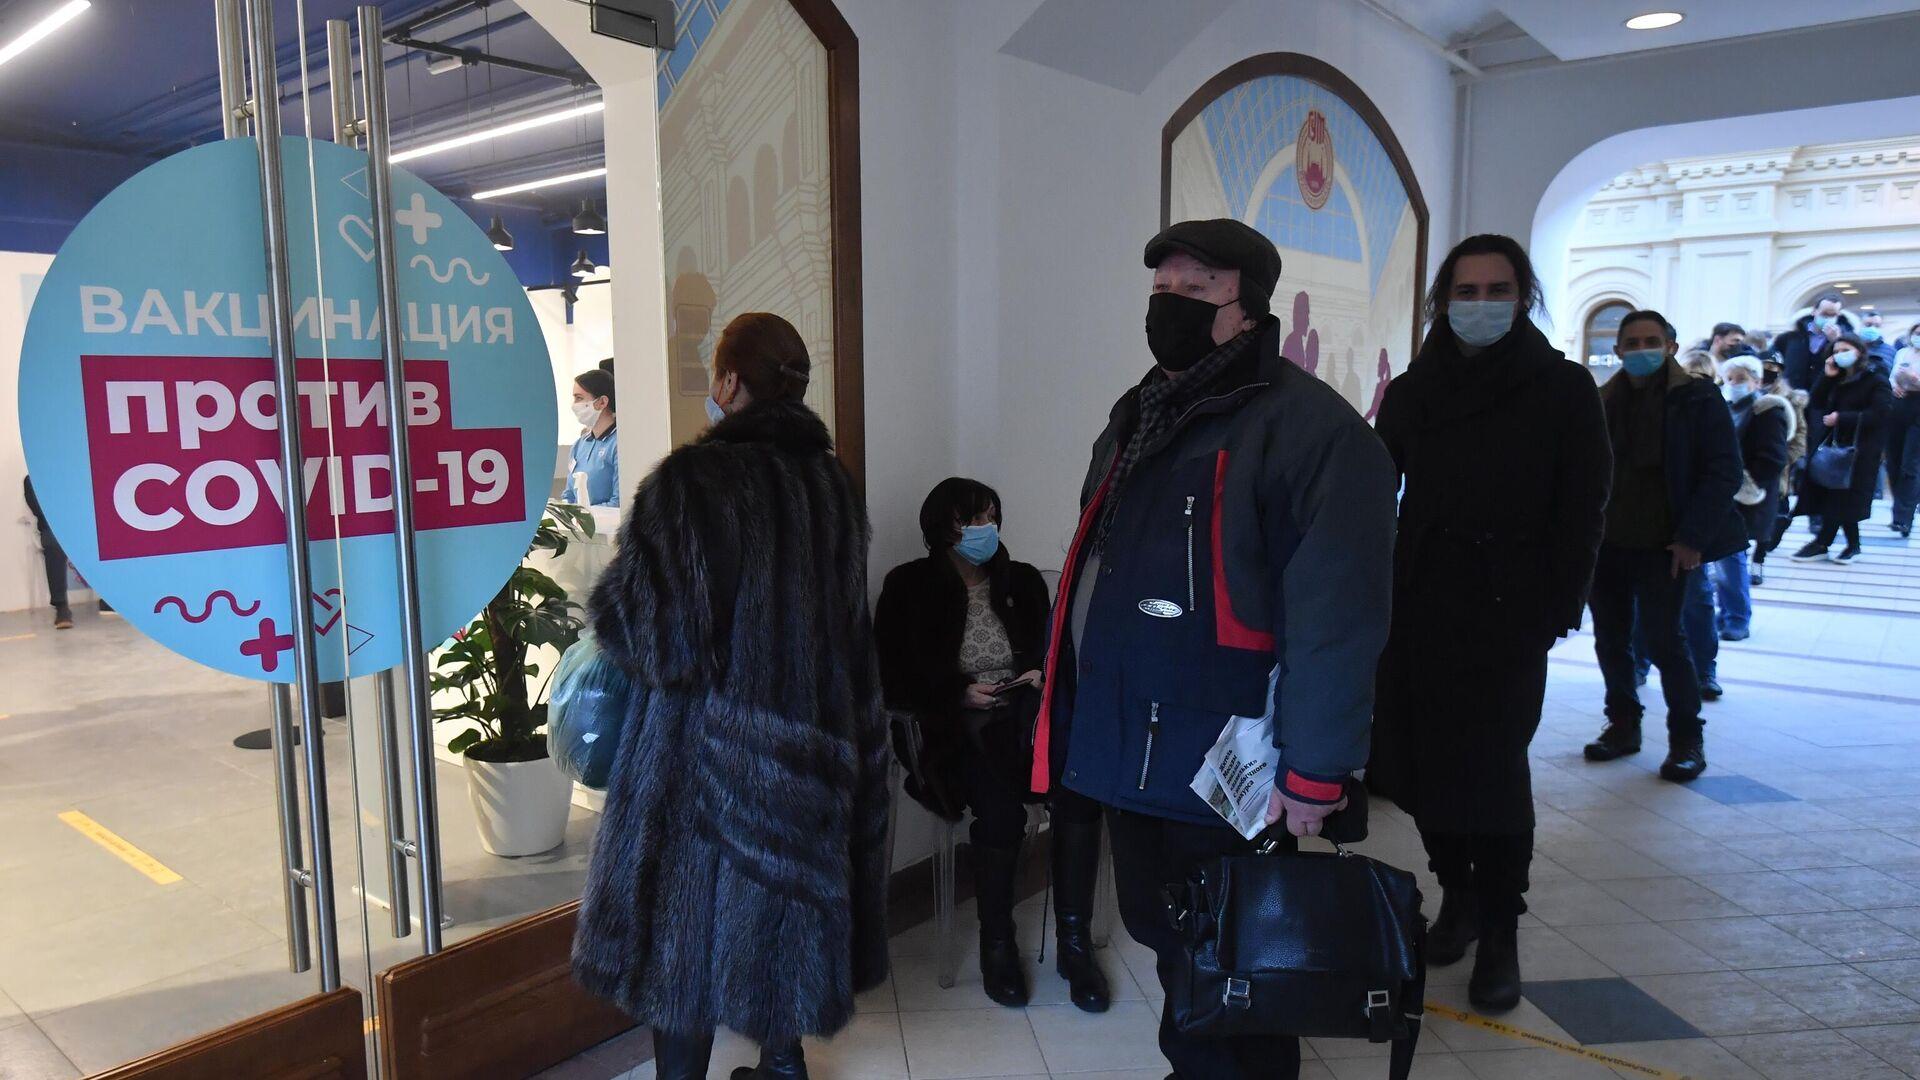 Люди возле пункта вакцинации от коронавируса в ГУМе в Москве - РИА Новости, 1920, 18.01.2021